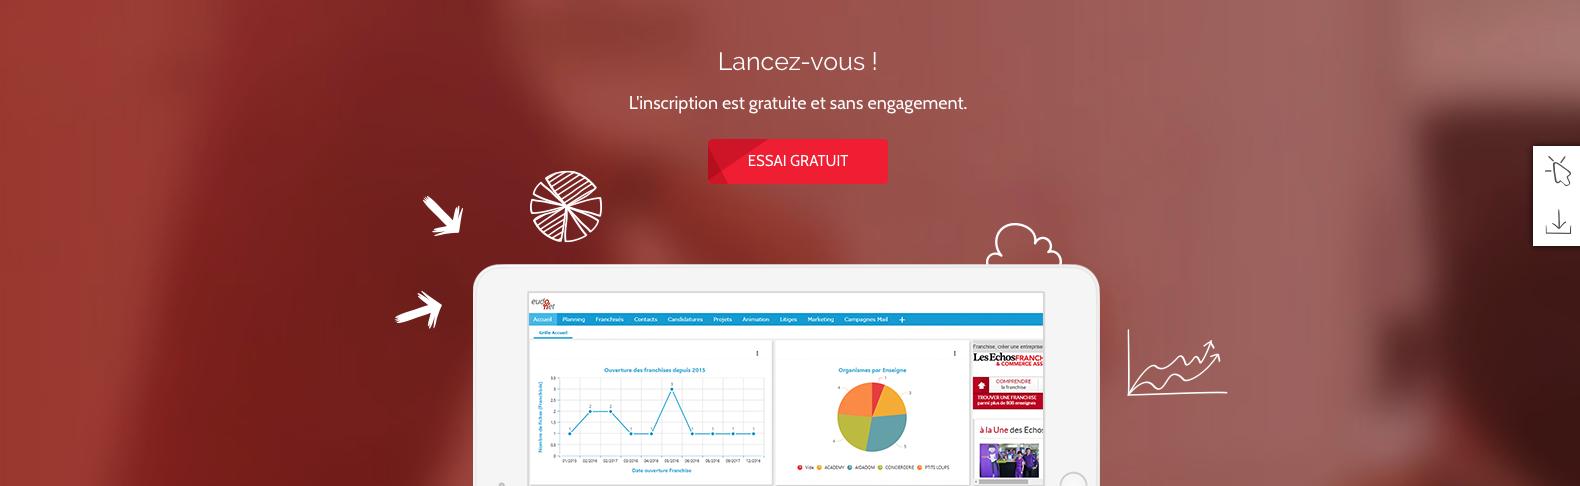 Review Eudonet CRM: Online CRM software, Contact Leads & Accounts Management - appvizer